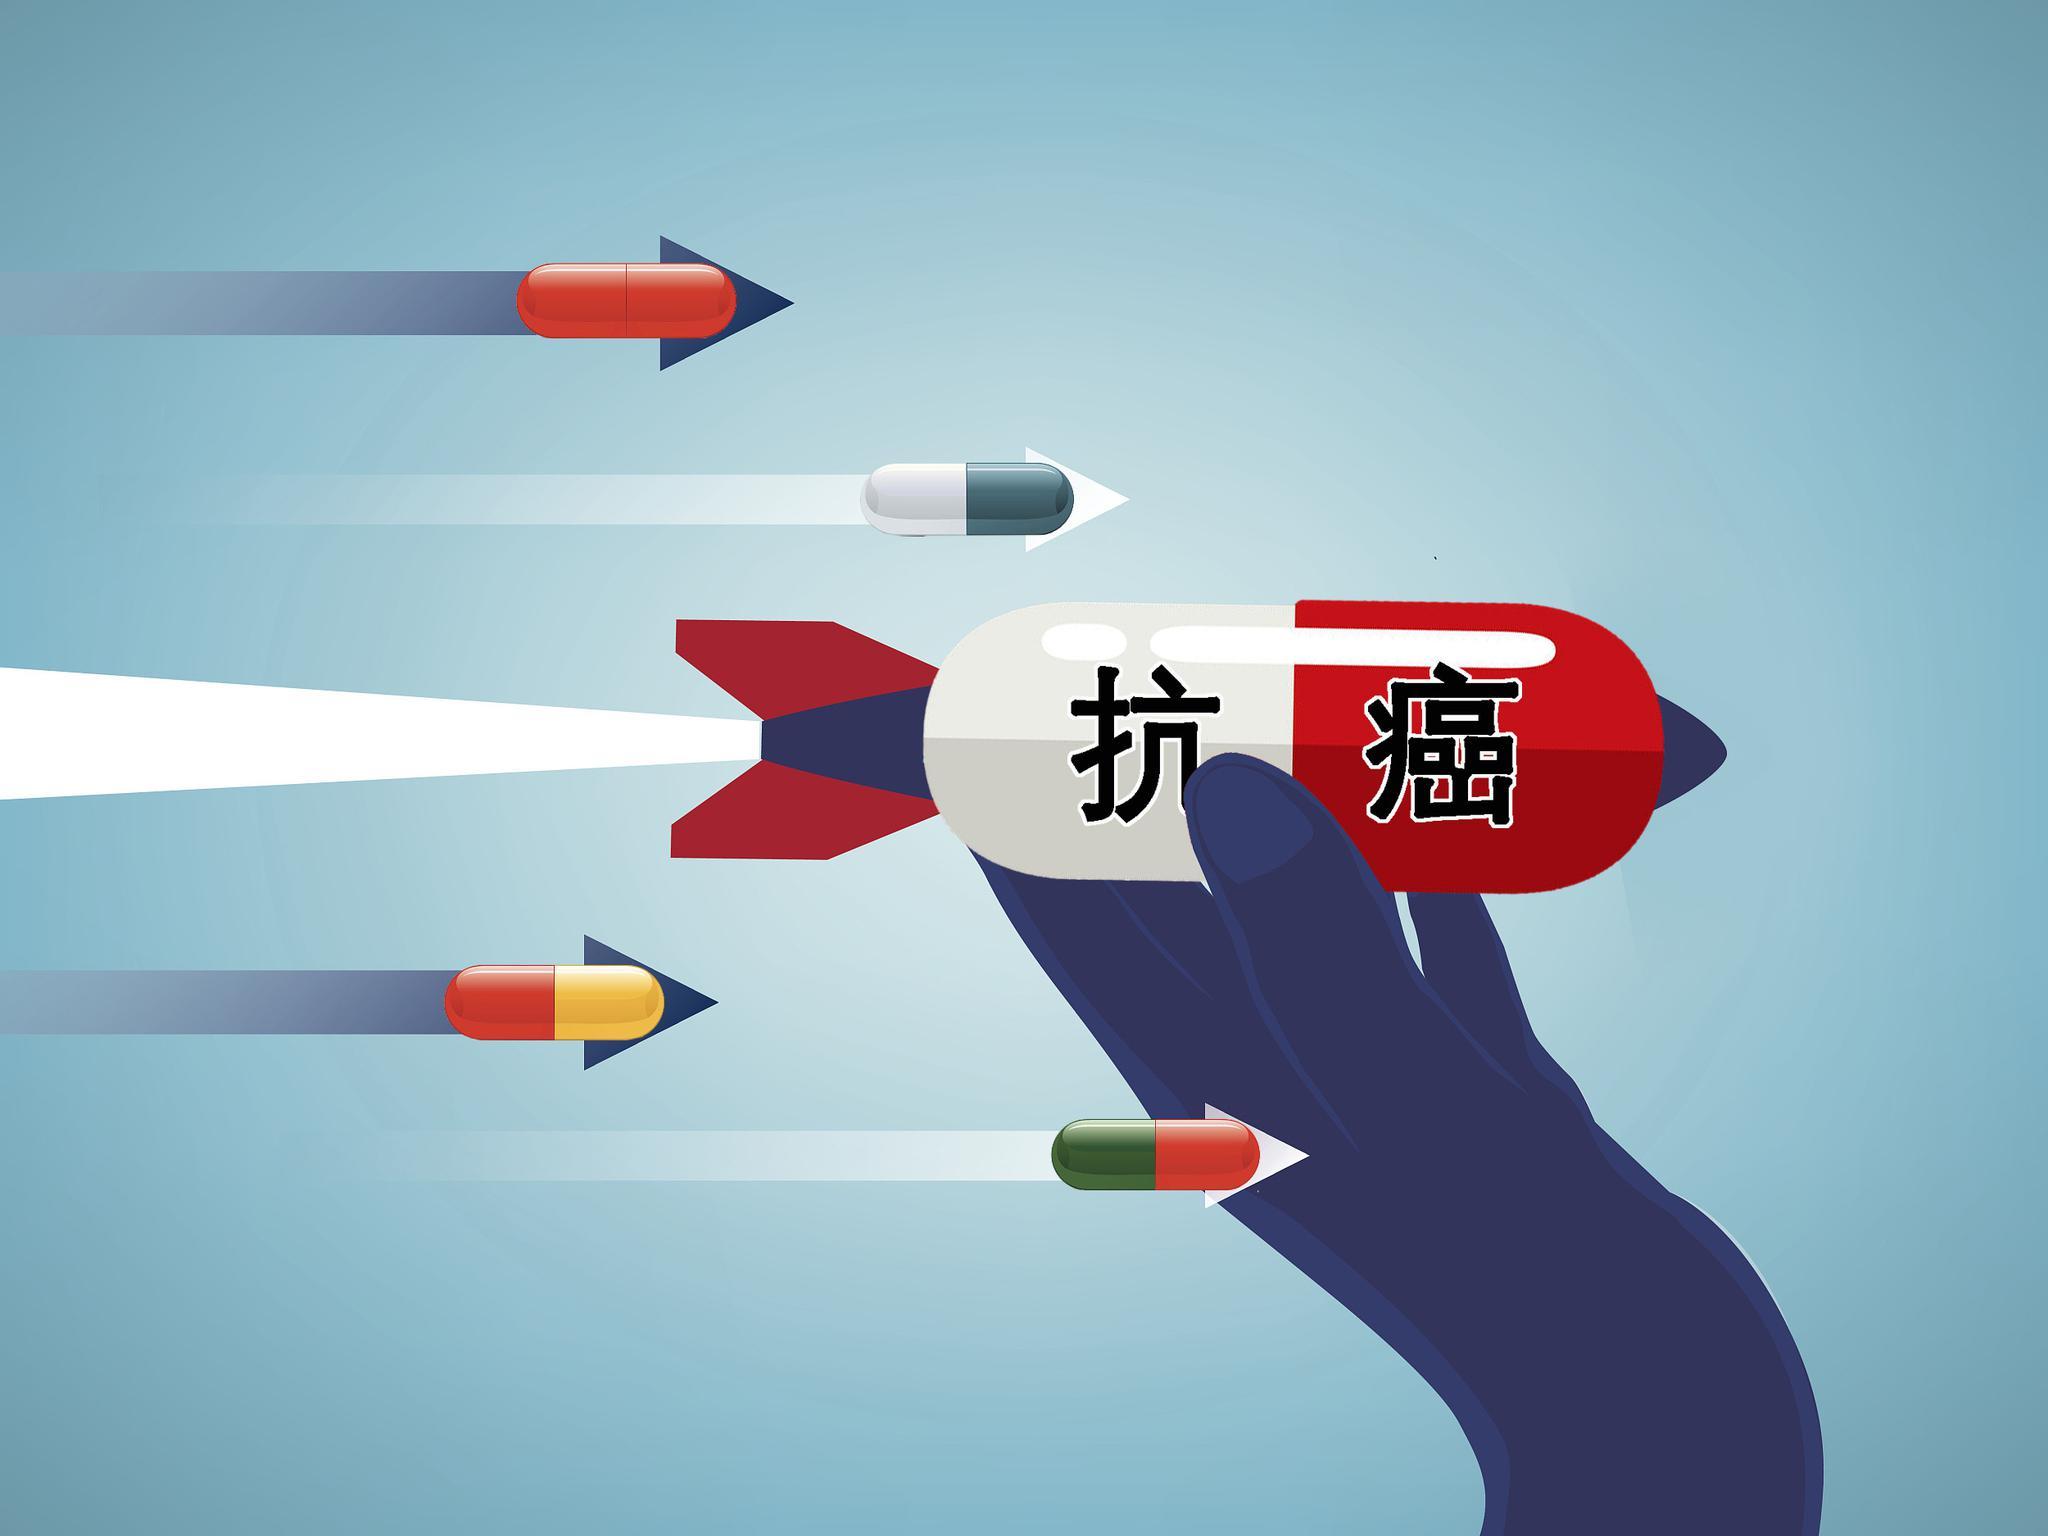 创意制图/新京报记者王远征